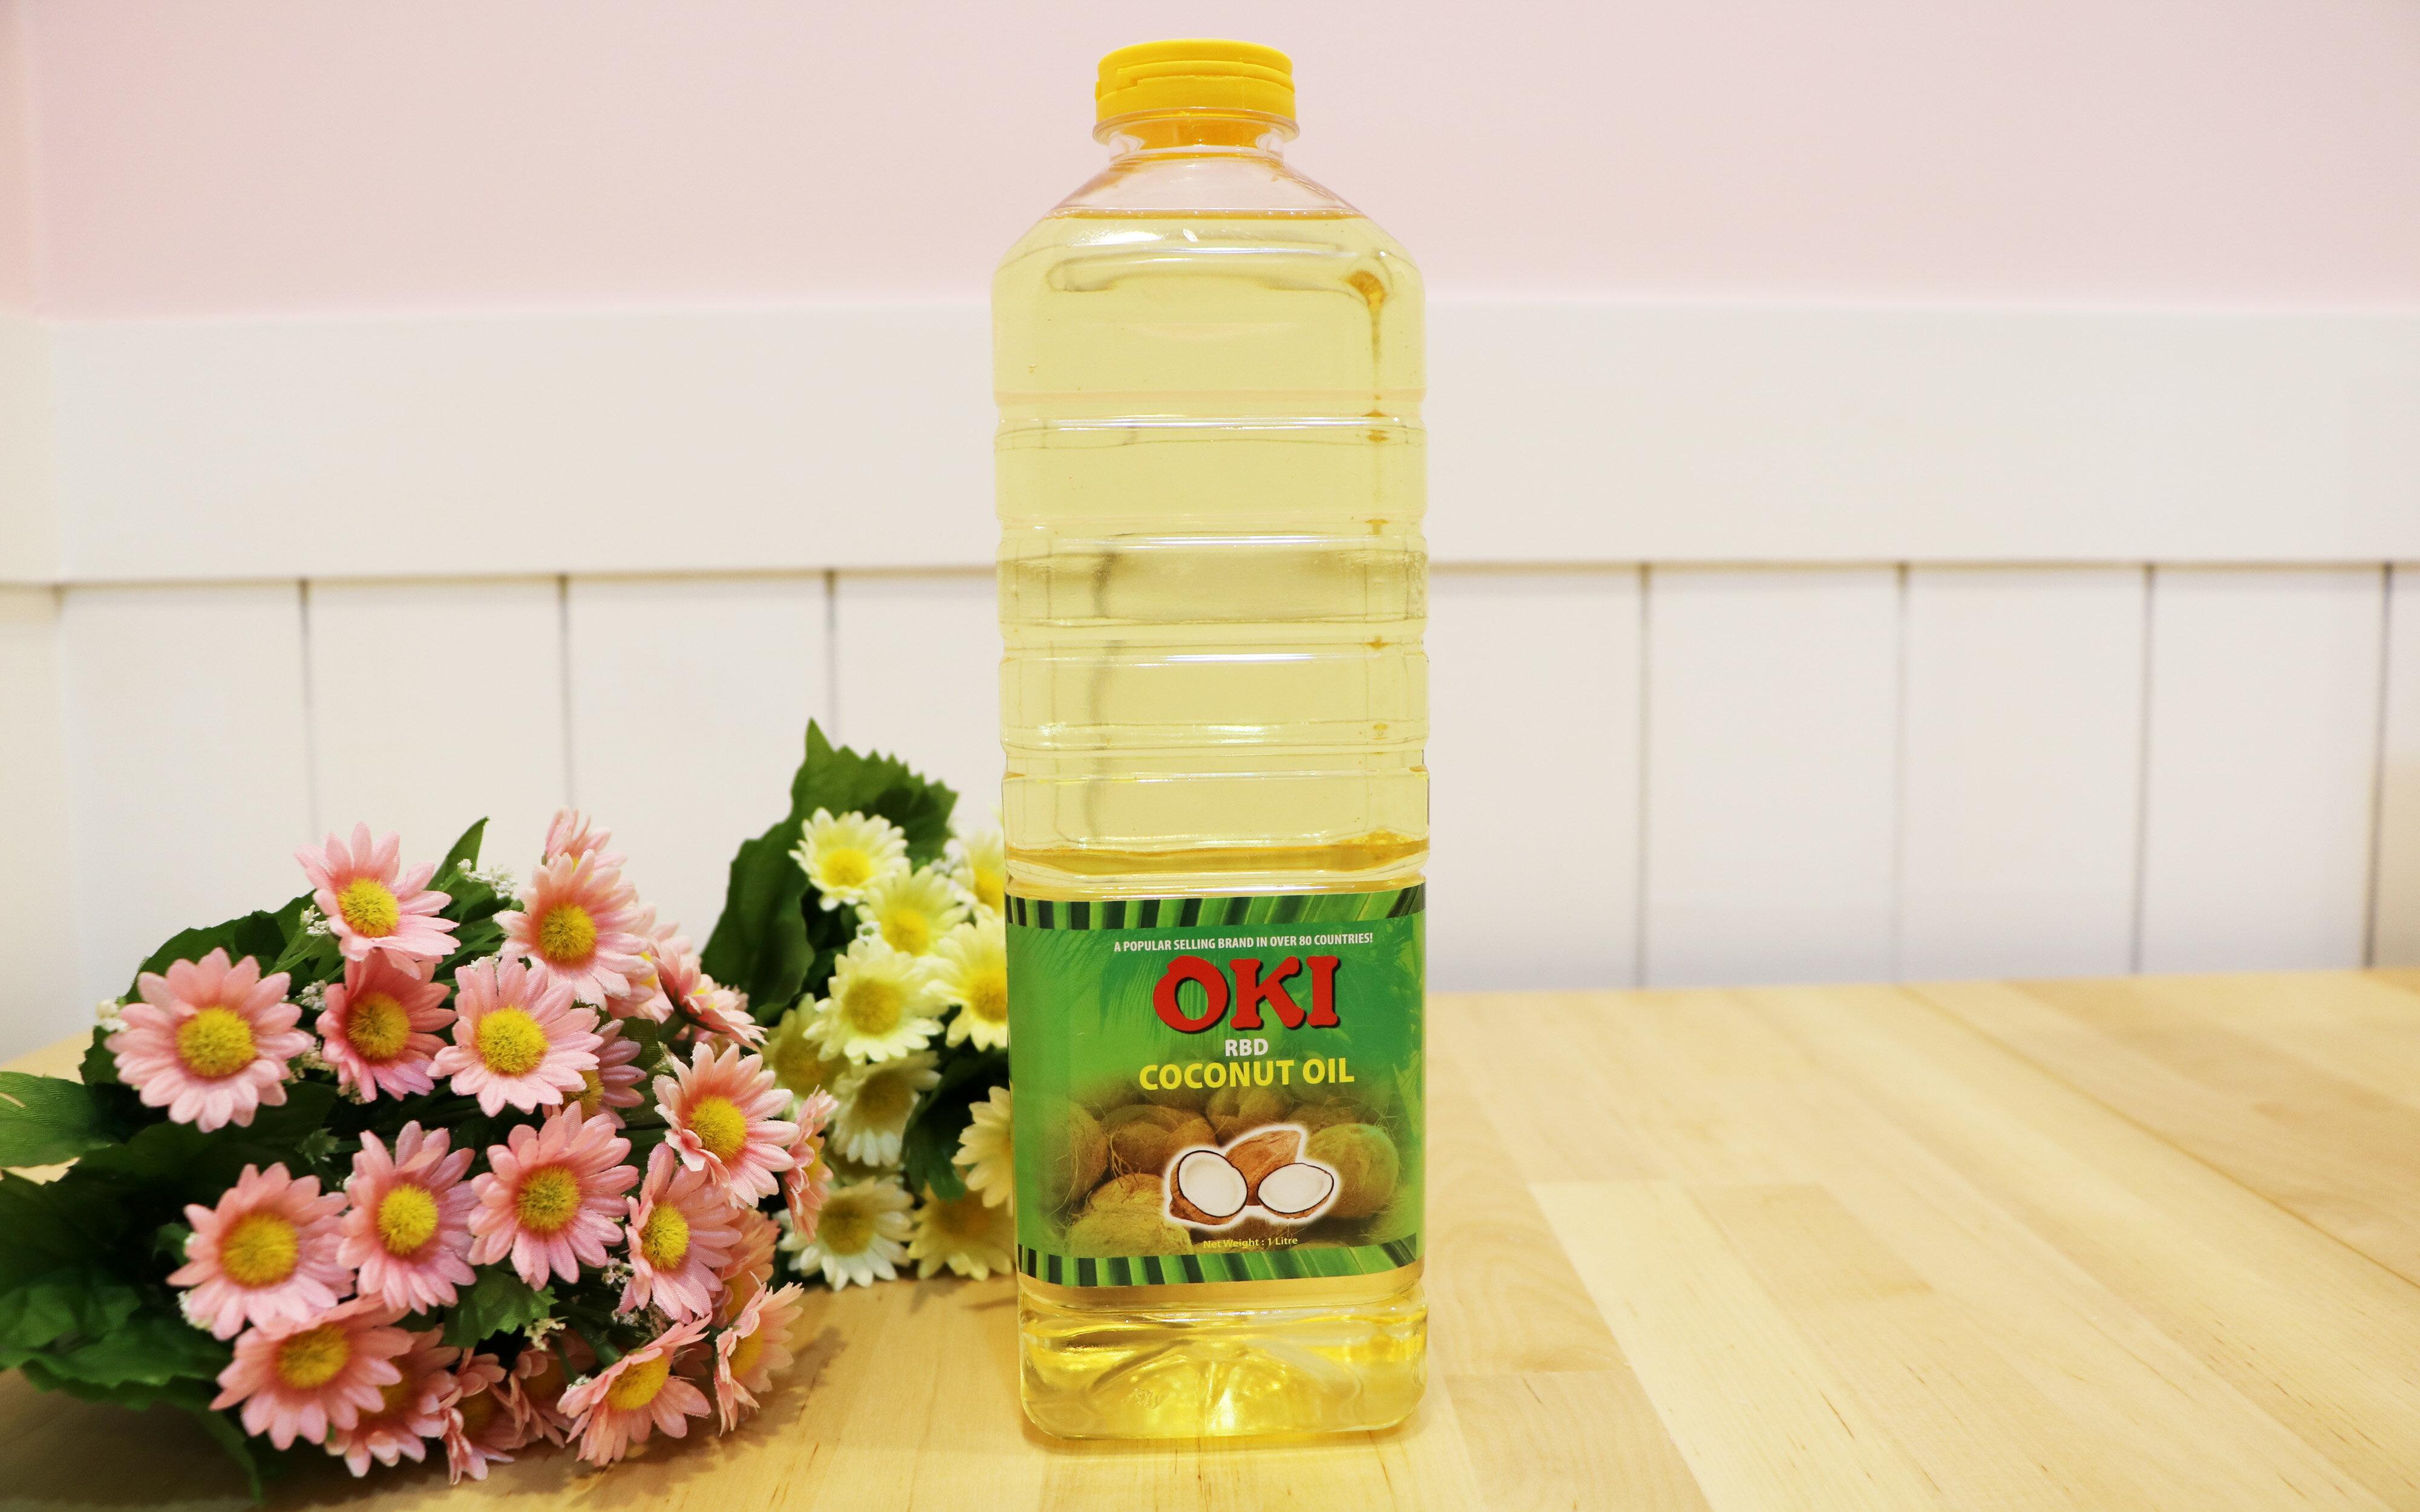 OKI 精煉級椰子油 Coconut Oil 1 L(食品級)